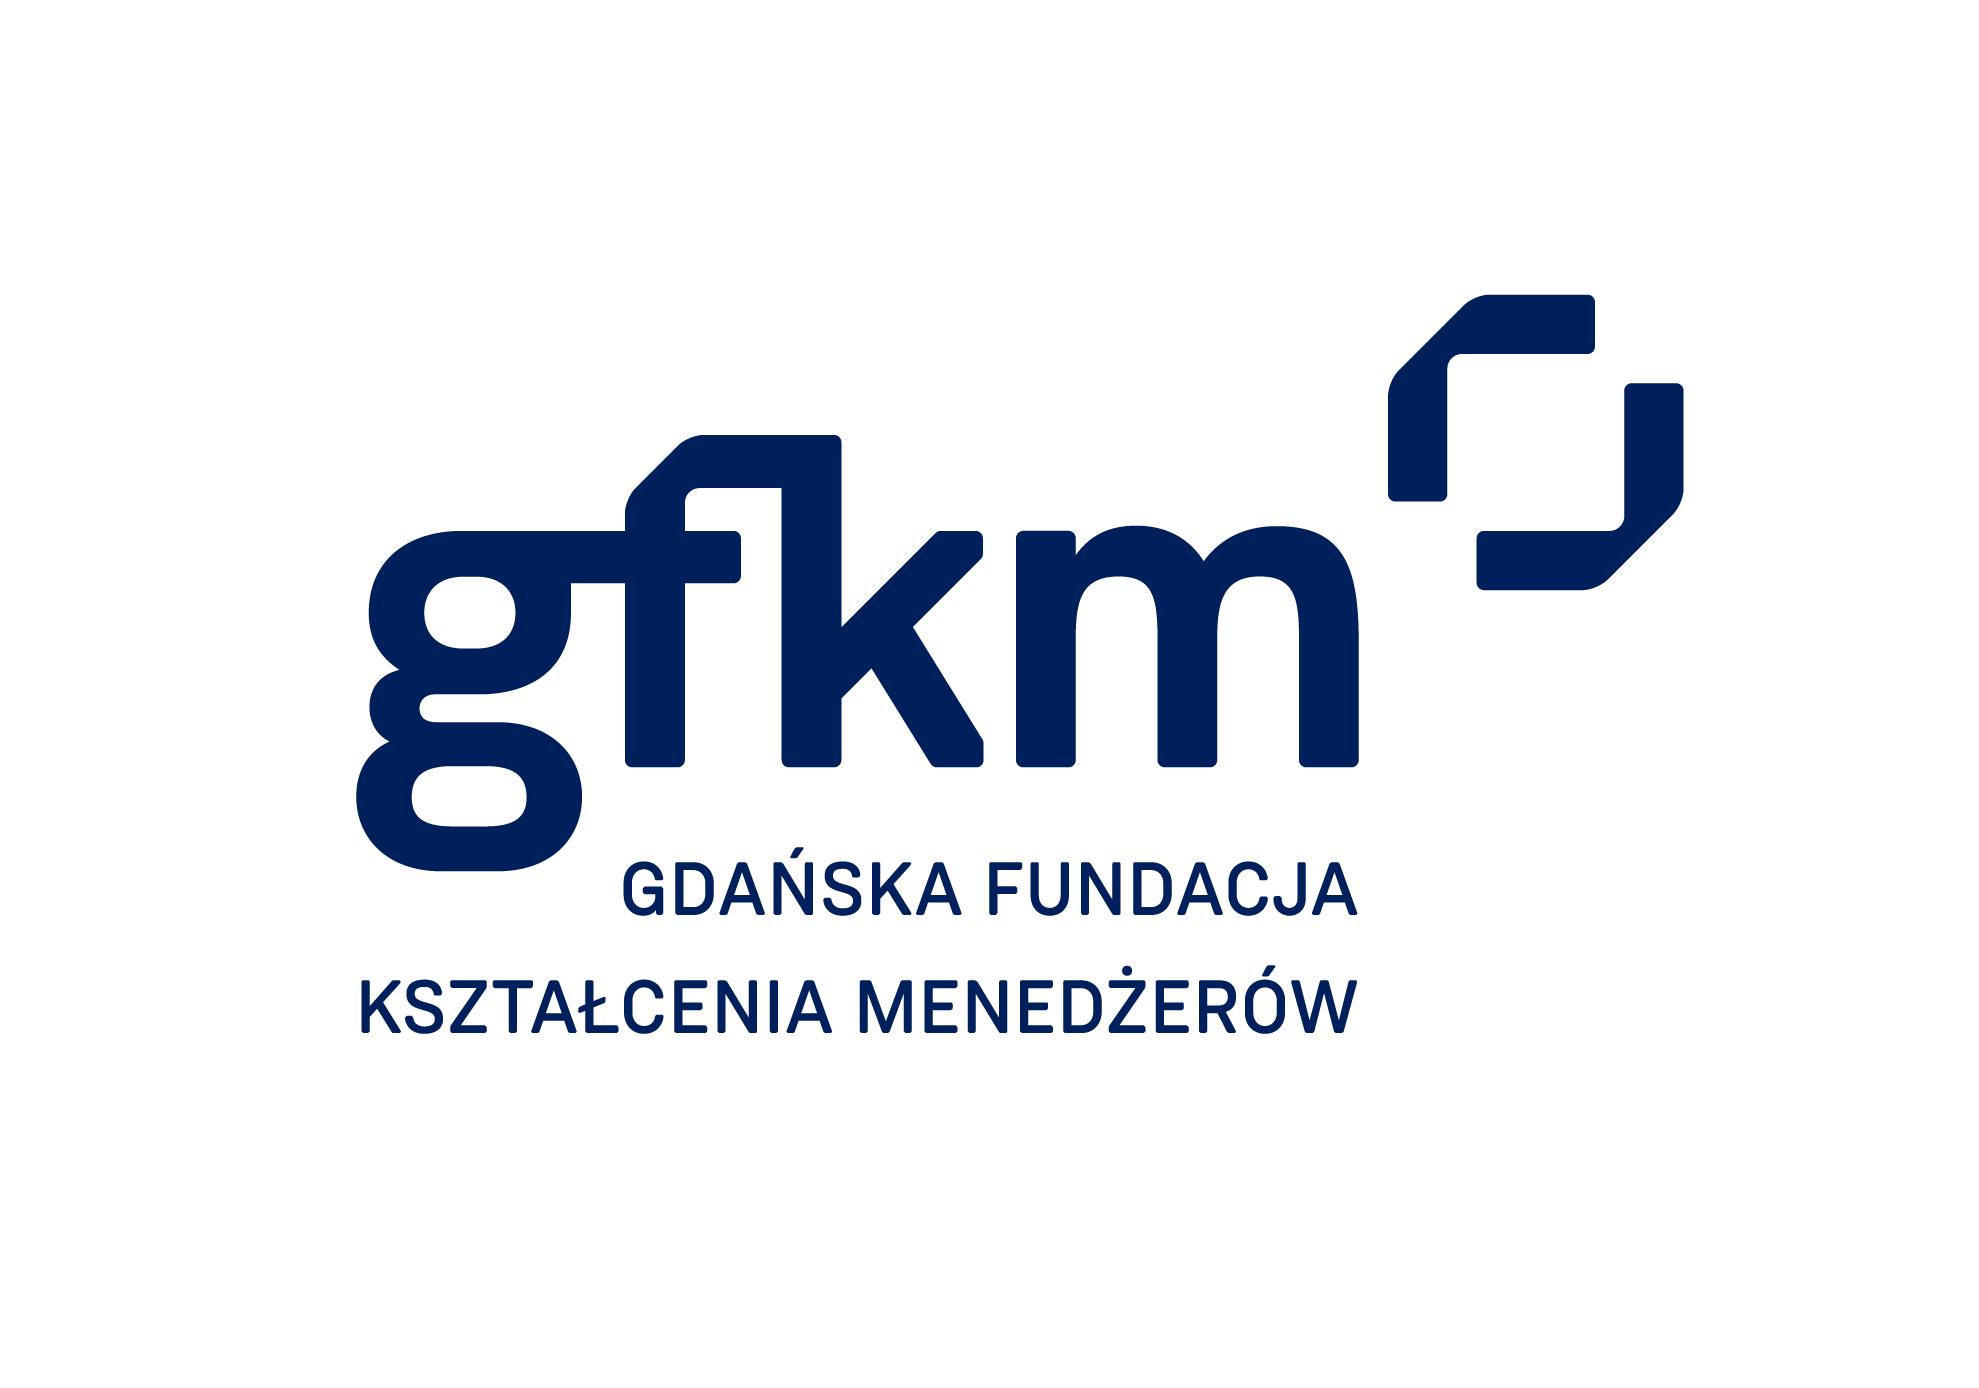 GFKM_logo_podpis-01